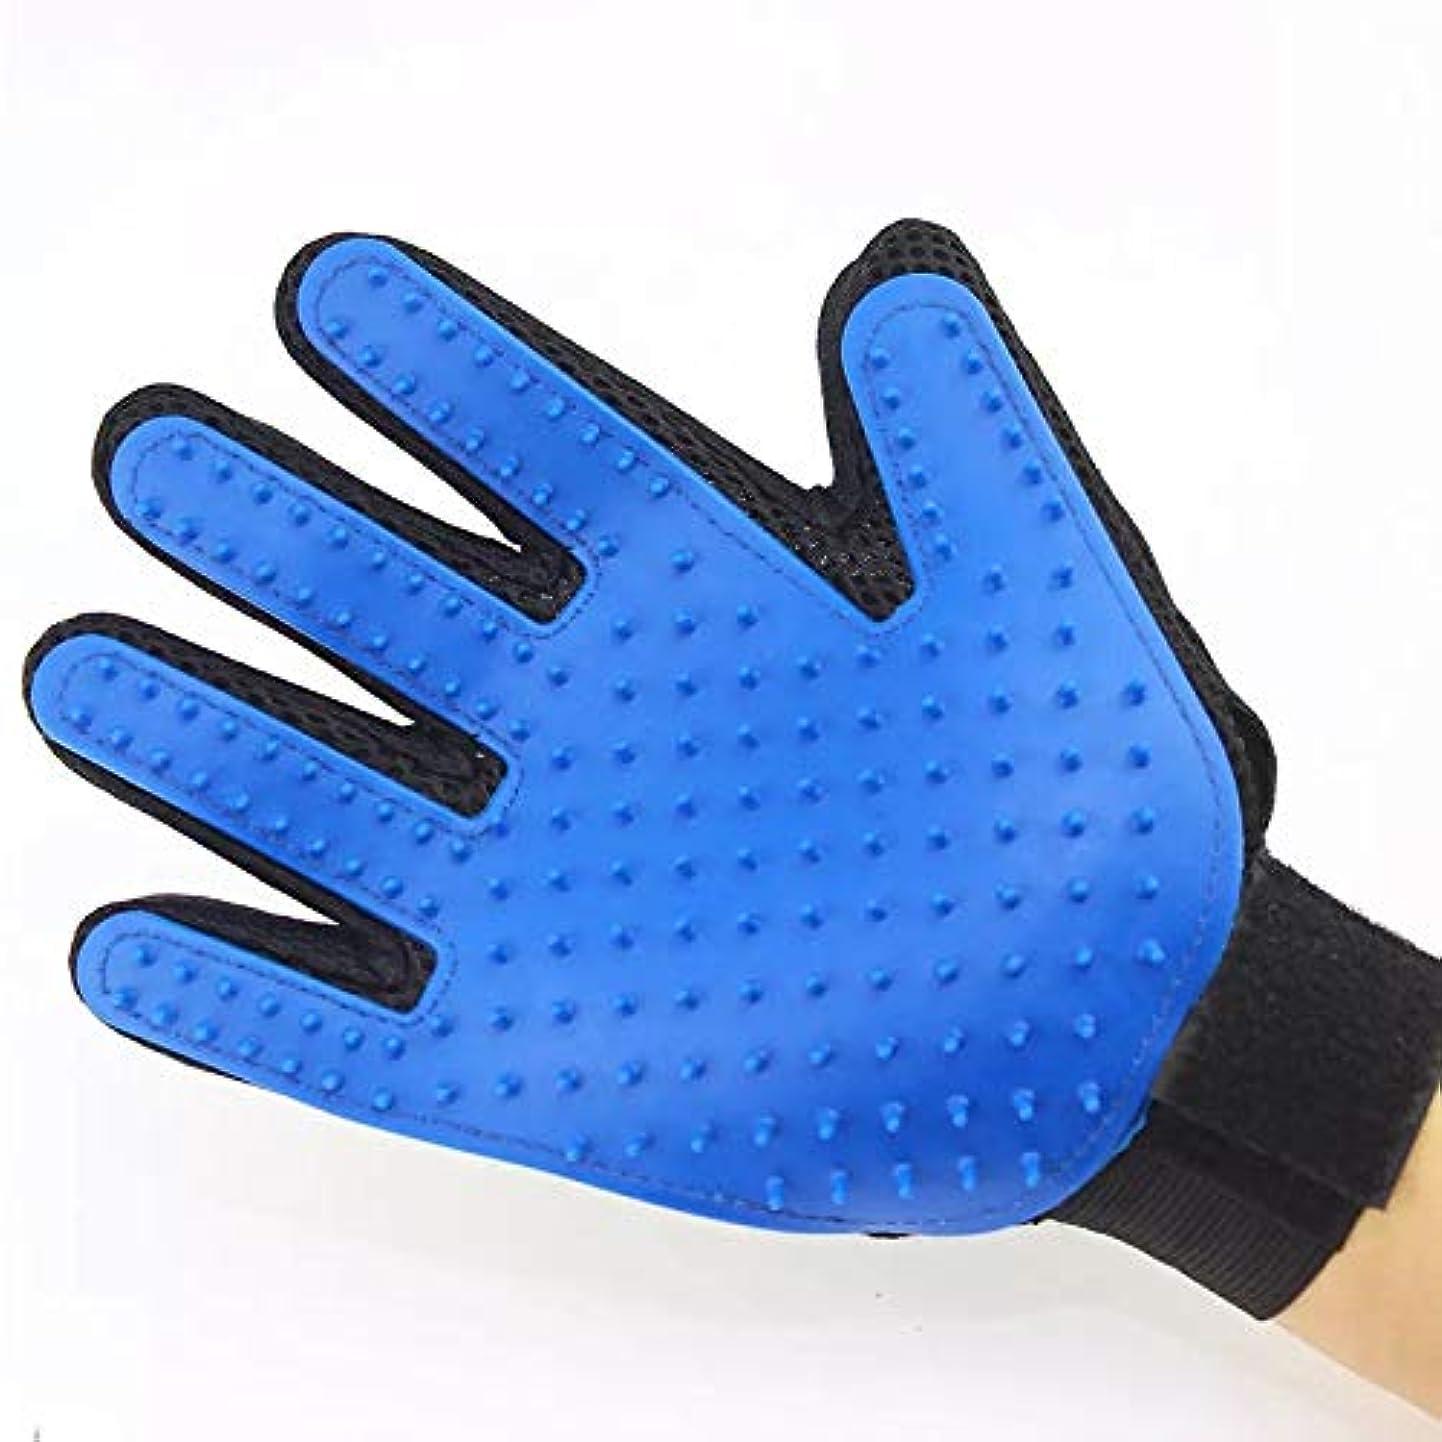 人差し指道路危険BTXXYJP ペット ブラシ 手袋 猫 犬 ブラシ グローブ クリーナー 耐摩耗 抜け毛取り マッサージブラシ グローブ (Color : Red, Style : Right hand)